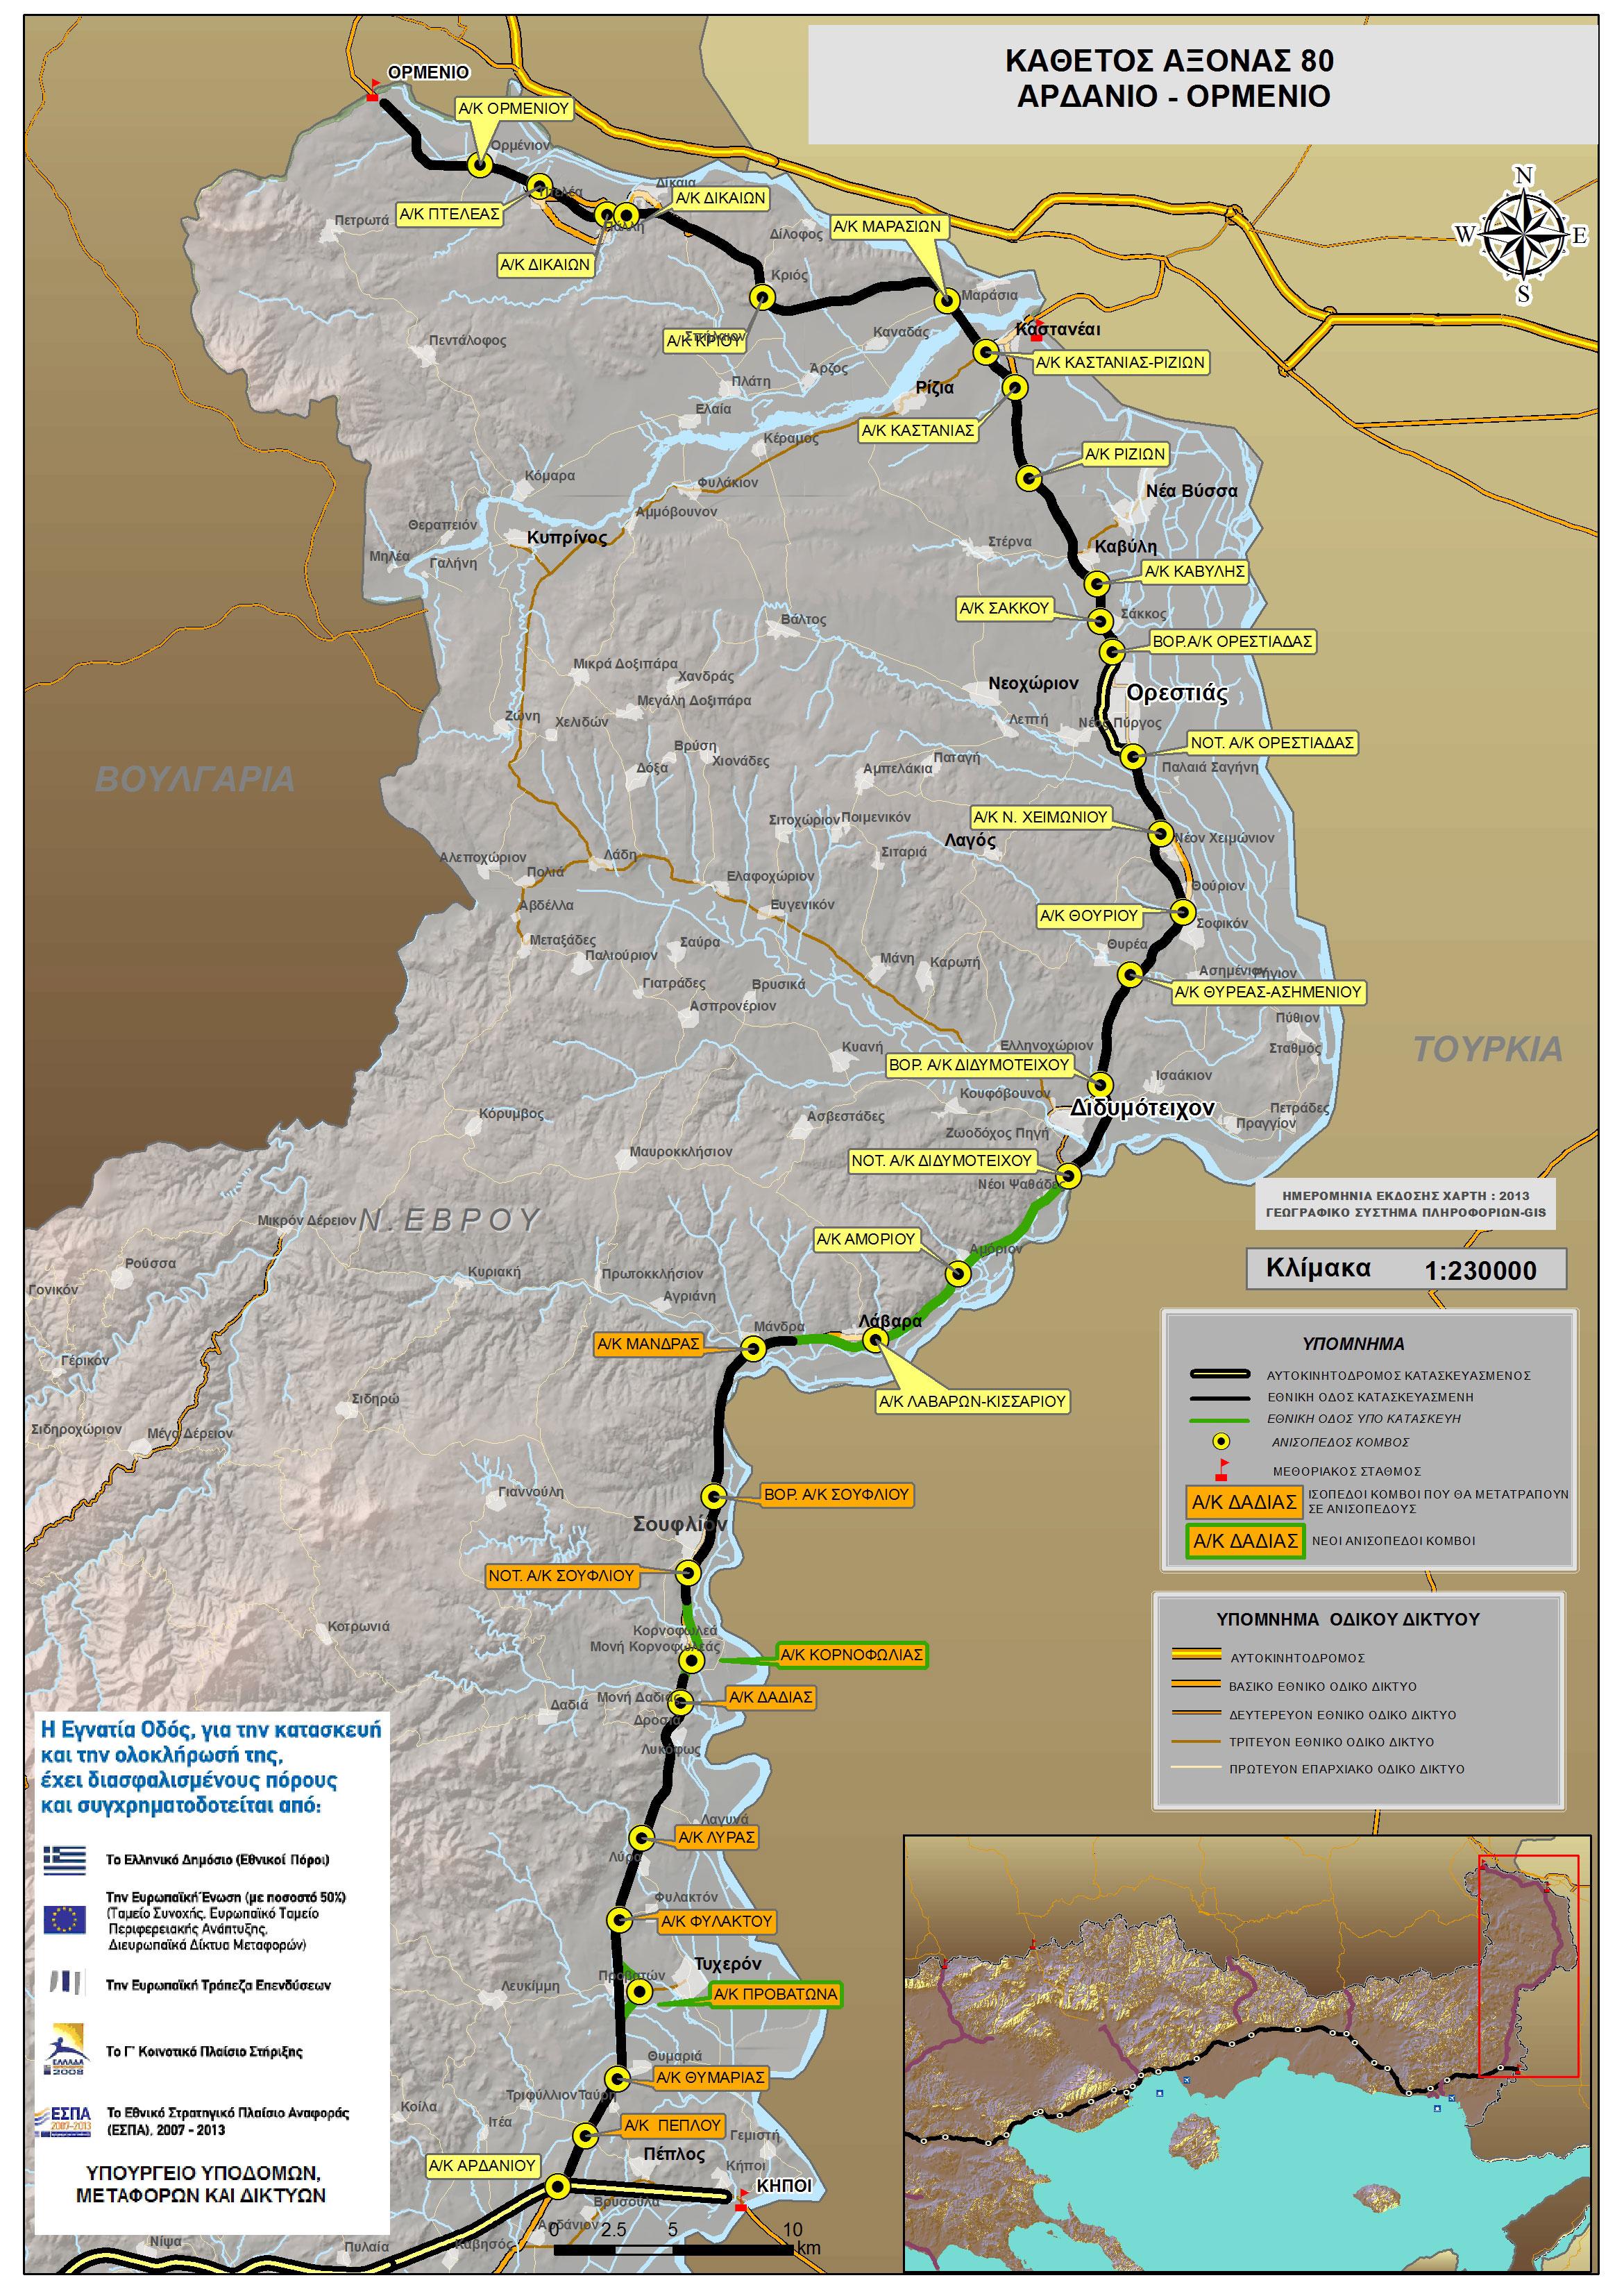 Ο Κάθετος 'Αξονας Αρδάνιο-Ορμένιο-Ελληνο-Βουλγαρικά Σύνορα